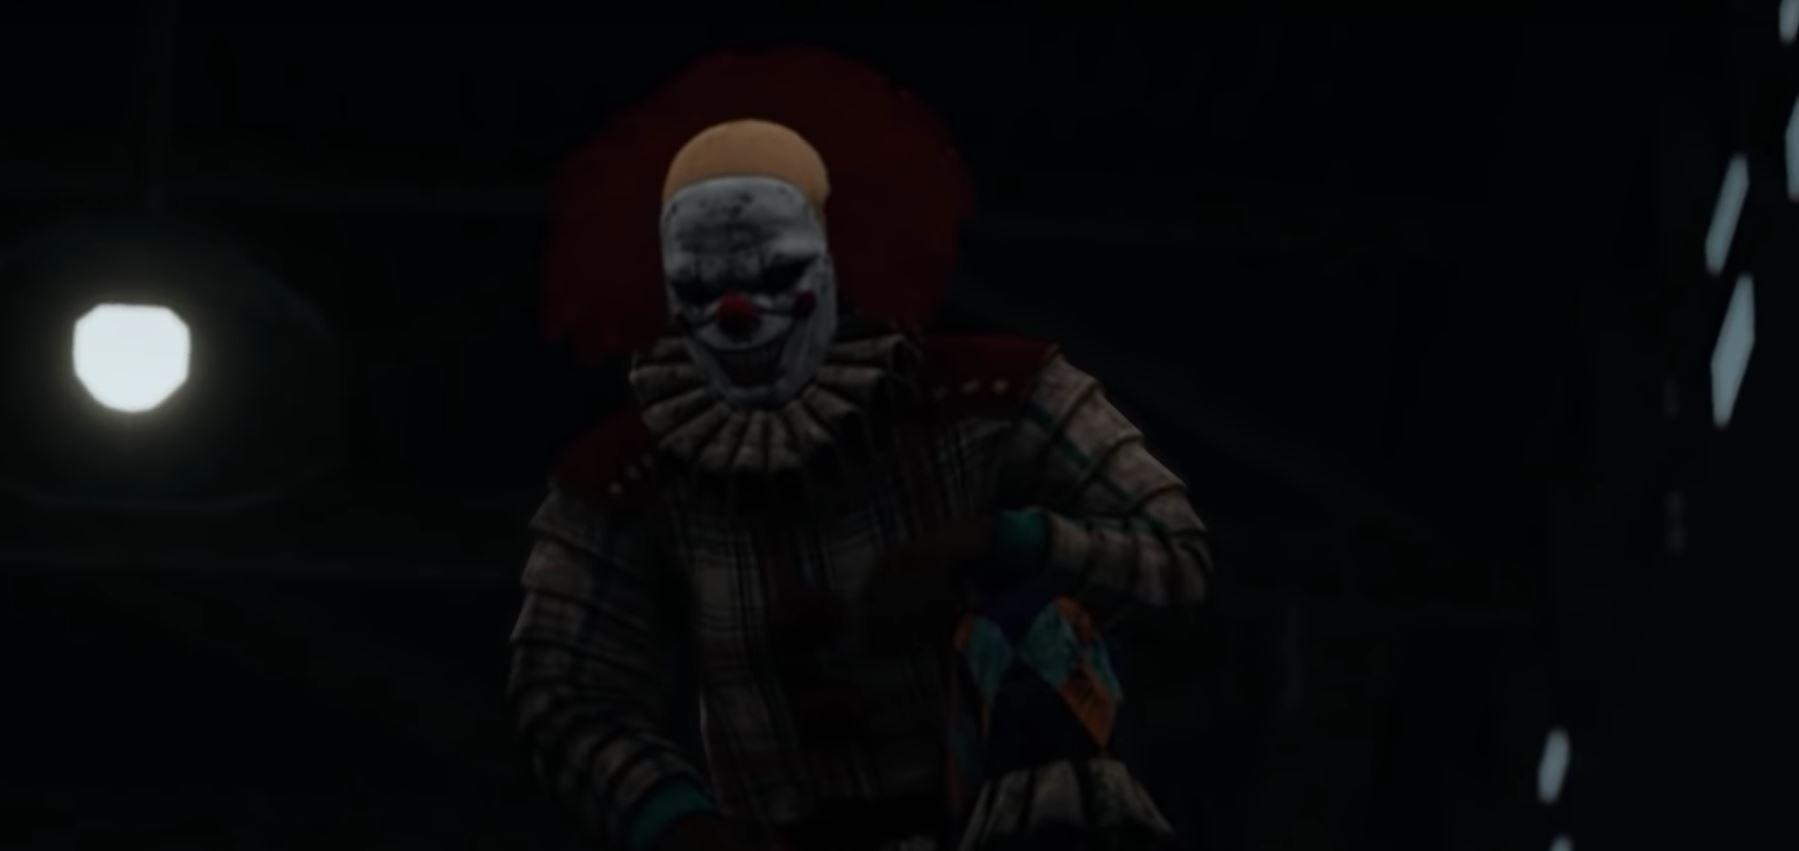 pubg-clown-01